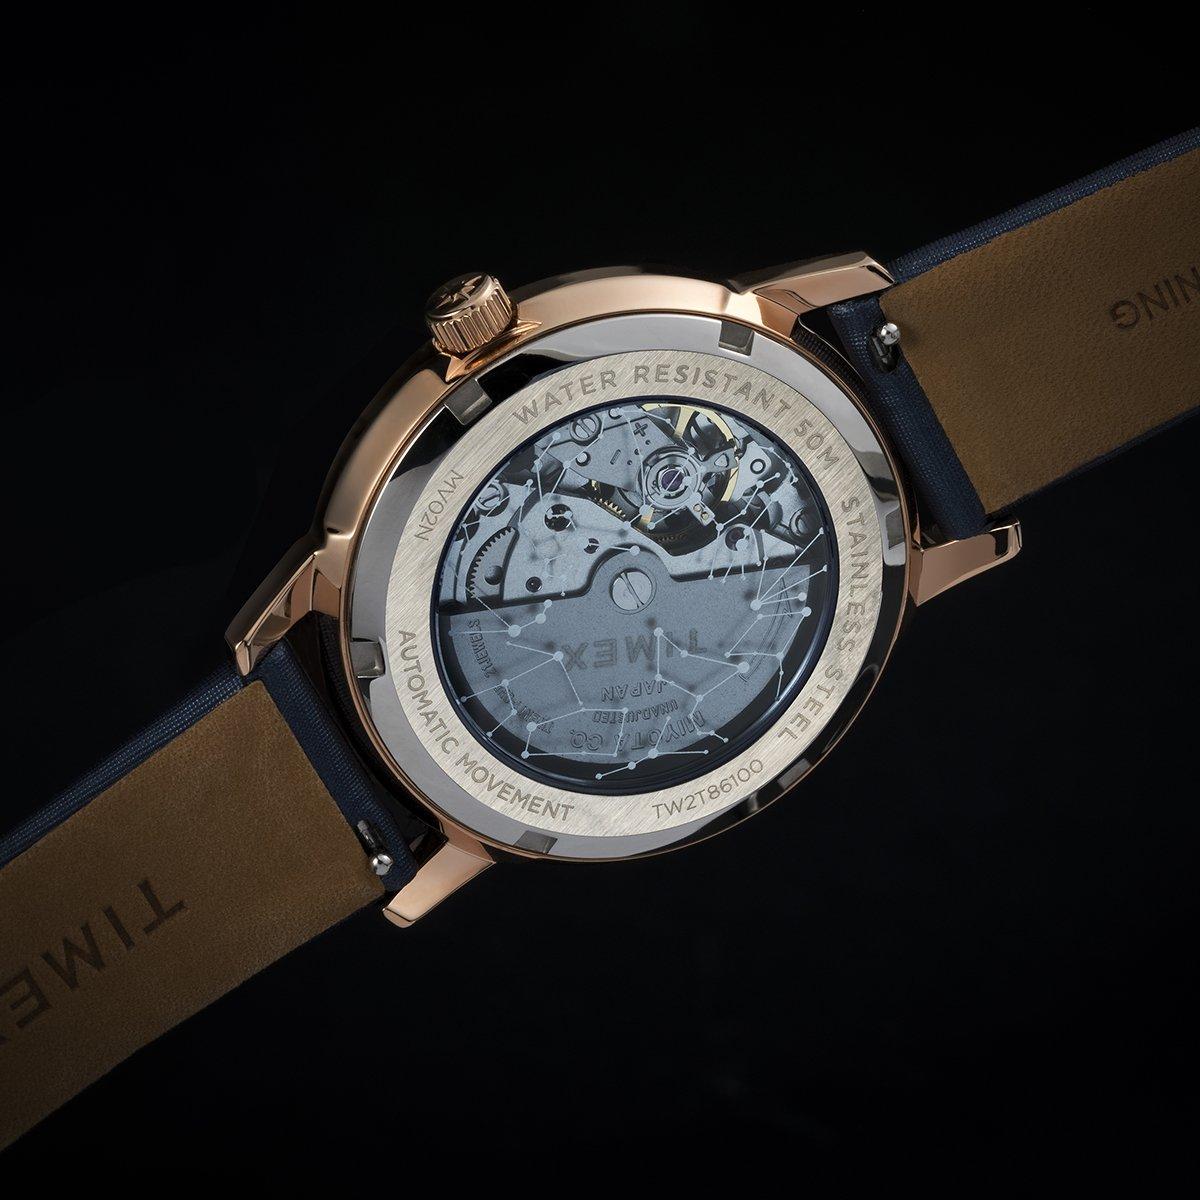 Szkalny dekielek zegarka Timex Crystal Opulence TW2T86100 pokazujący mechanizm.